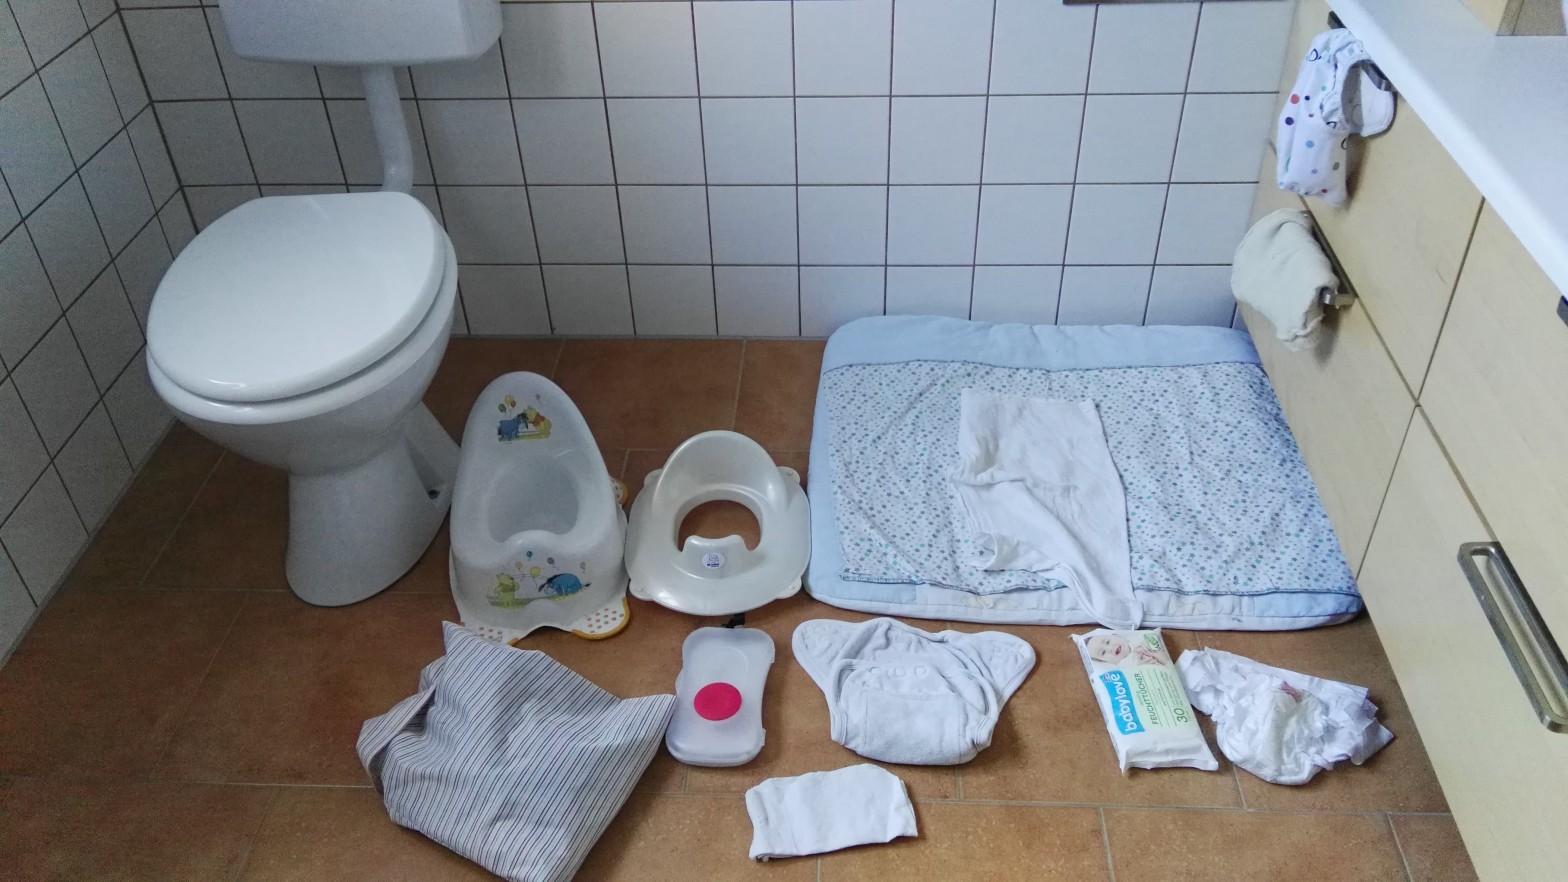 Gegenstände für die Sauberkeitsentwicklung: WC, Töpfchen, Sitzverkleinerer, Wickelunterlage, Stoffwindel und Zubehör, Wegwerfwindel, Feuchttücher